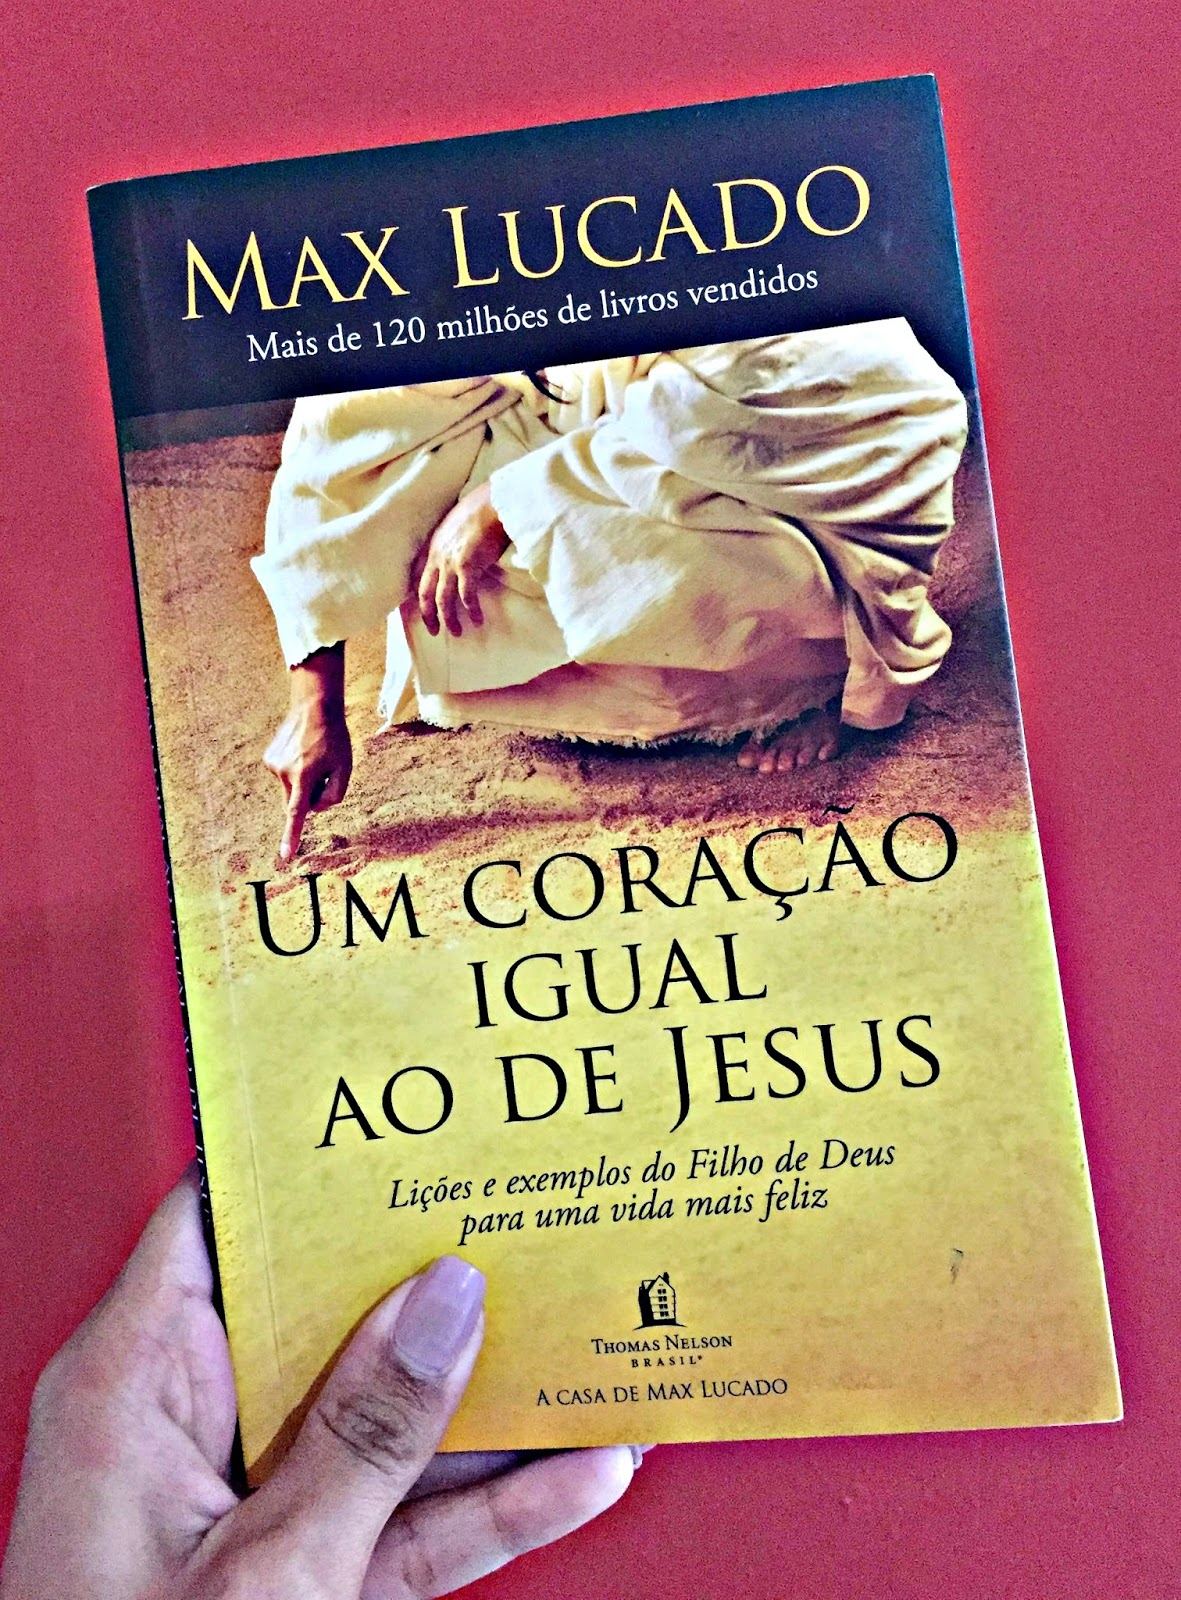 Fé Viva Resenha Um Coração Igual Ao De Jesus Max Lucado